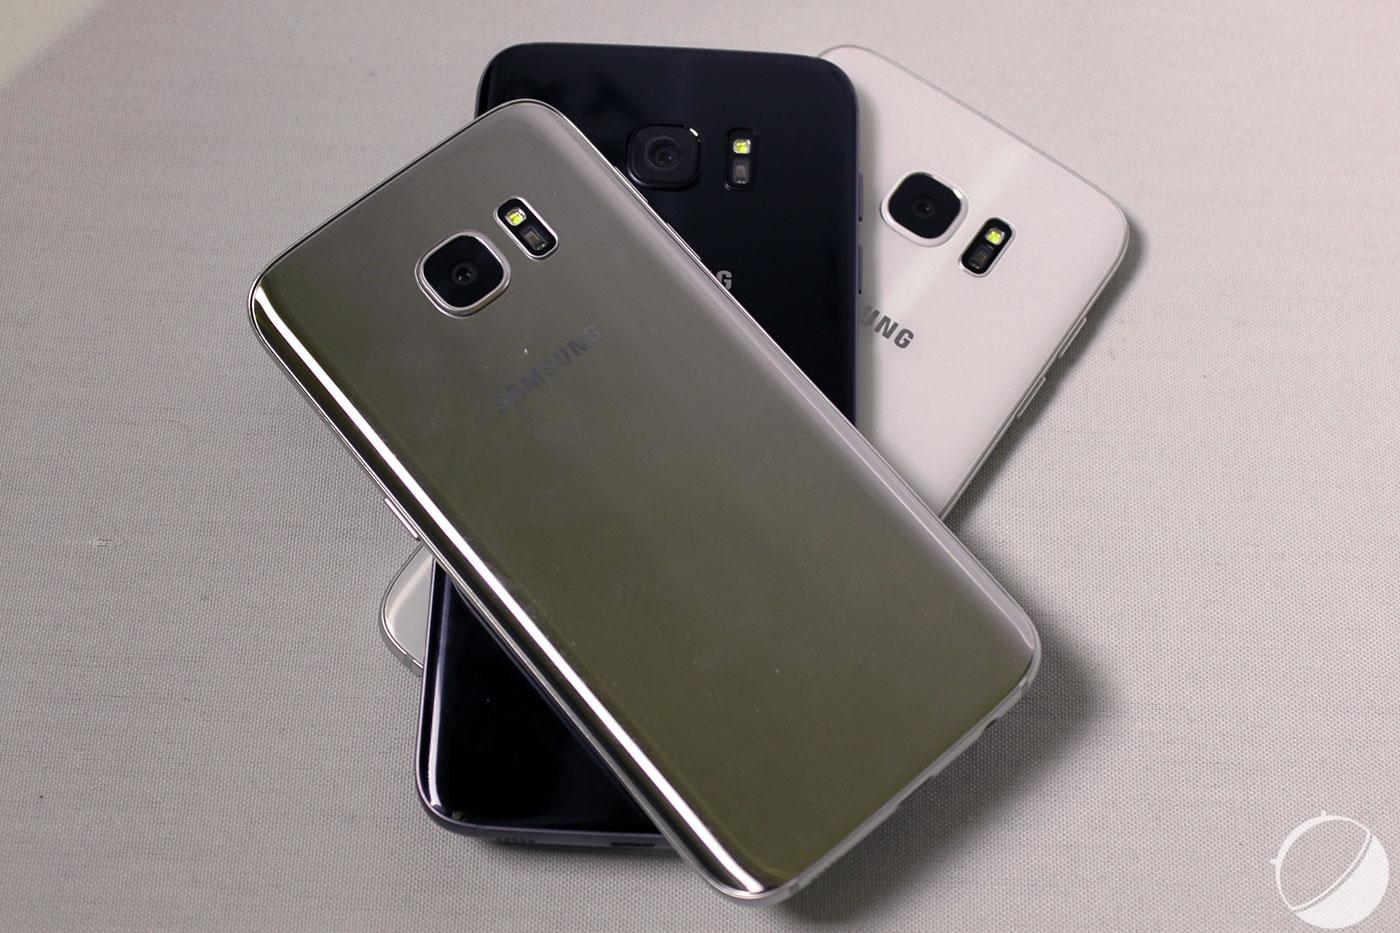 Samsung Galaxy S7 et S7 edge : récapitulatif de tout qu'il faut savoir